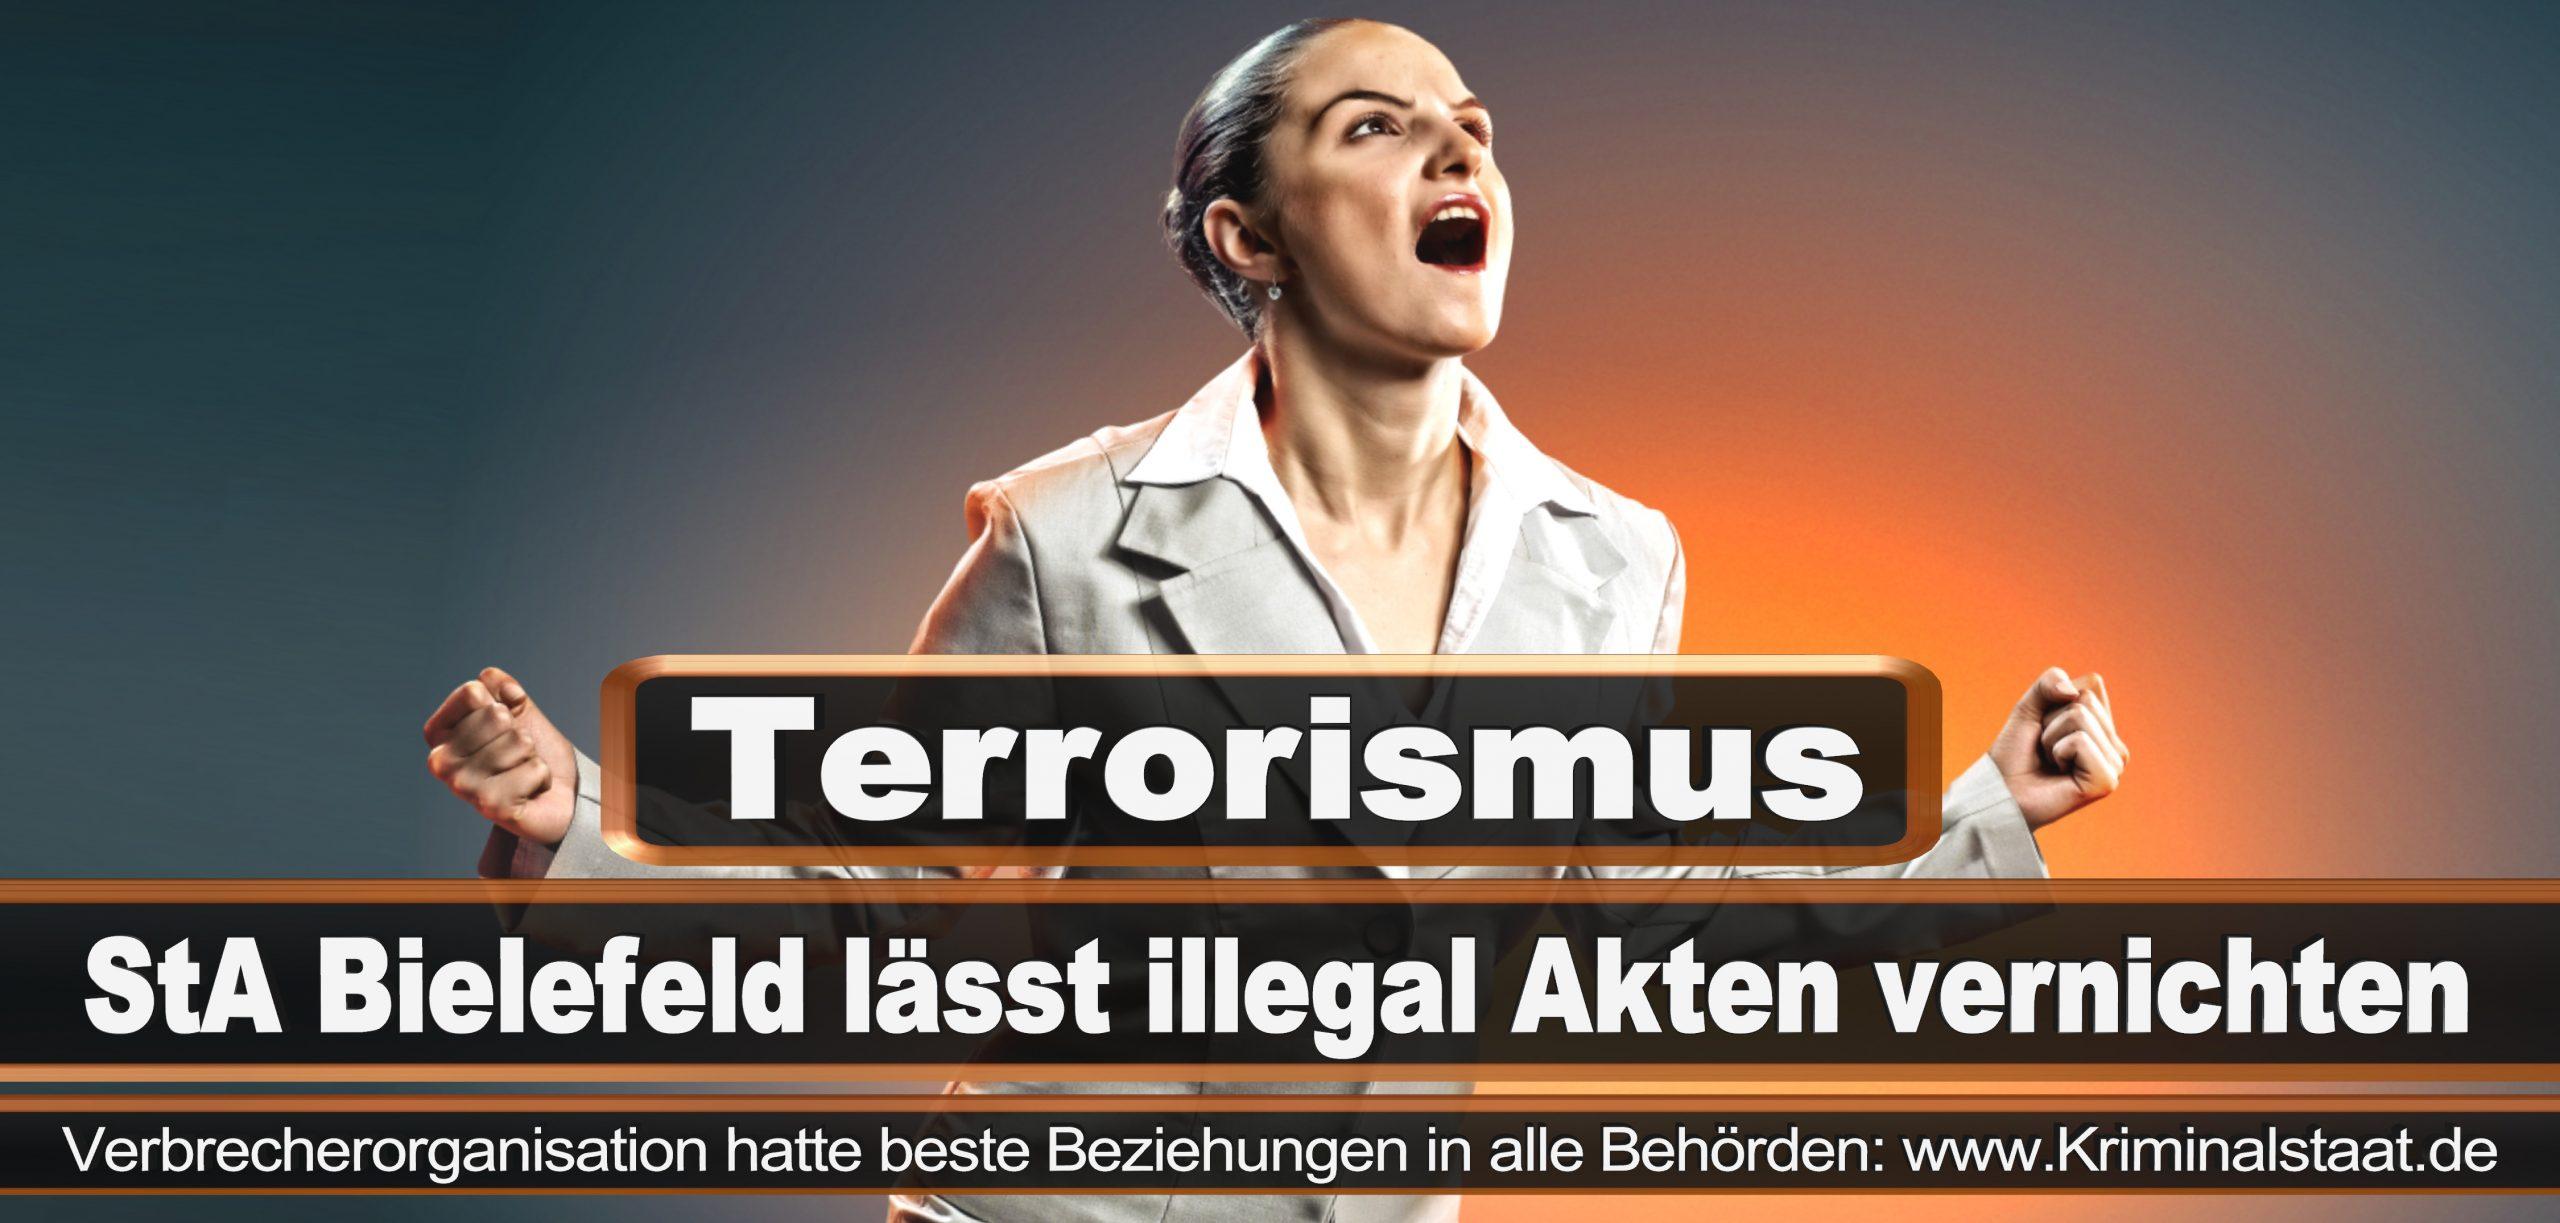 Bundestagswahl 2021 Wahlplakate CDU SPD FDP AFD Grüne Linke Stimmzettel Prognose Umfrage Kandidaten Parteien Datum (35)